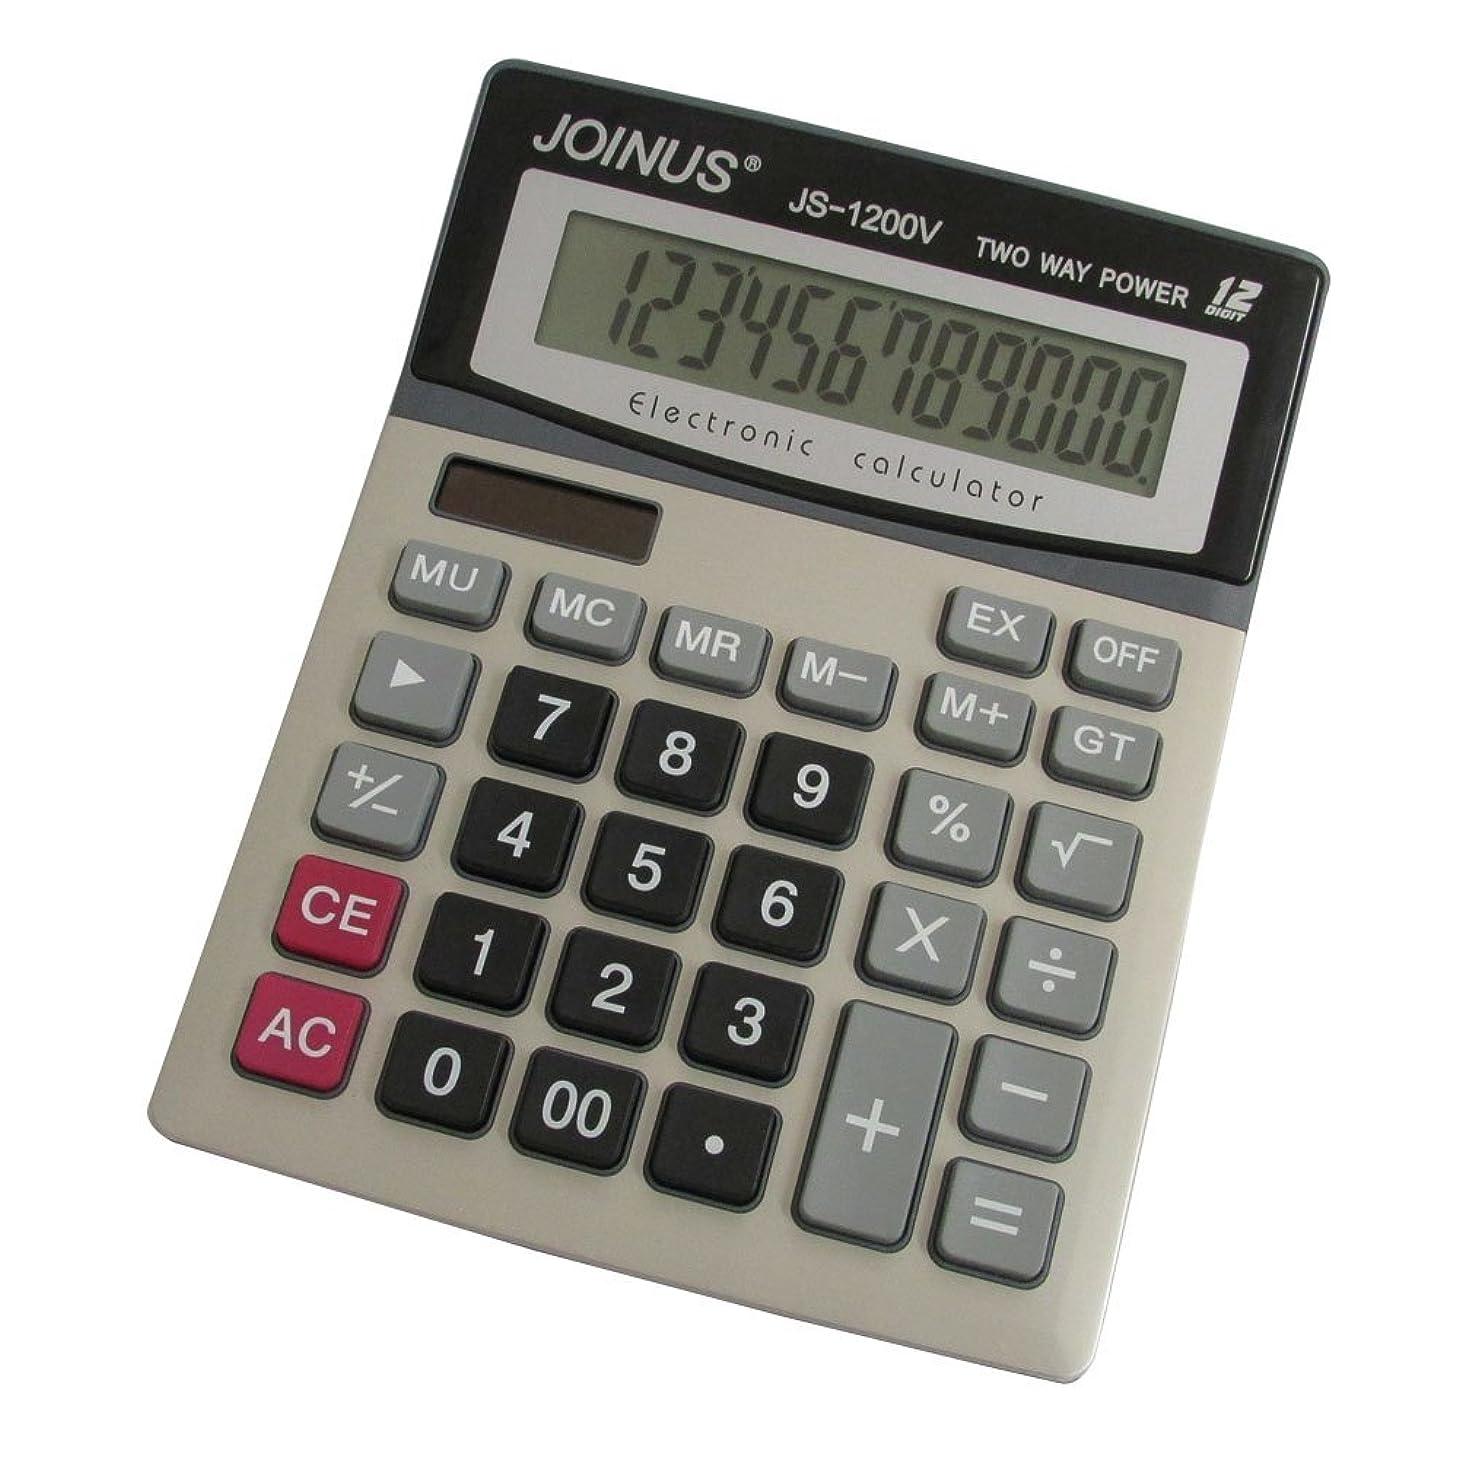 ナース富豪減衰ビジネス電卓Tilted画面Easy to Read Big表示?–?12桁、デュアル電源バッテリーとソーラー。静か、簡単に使用2パック。By MEGA Stationers